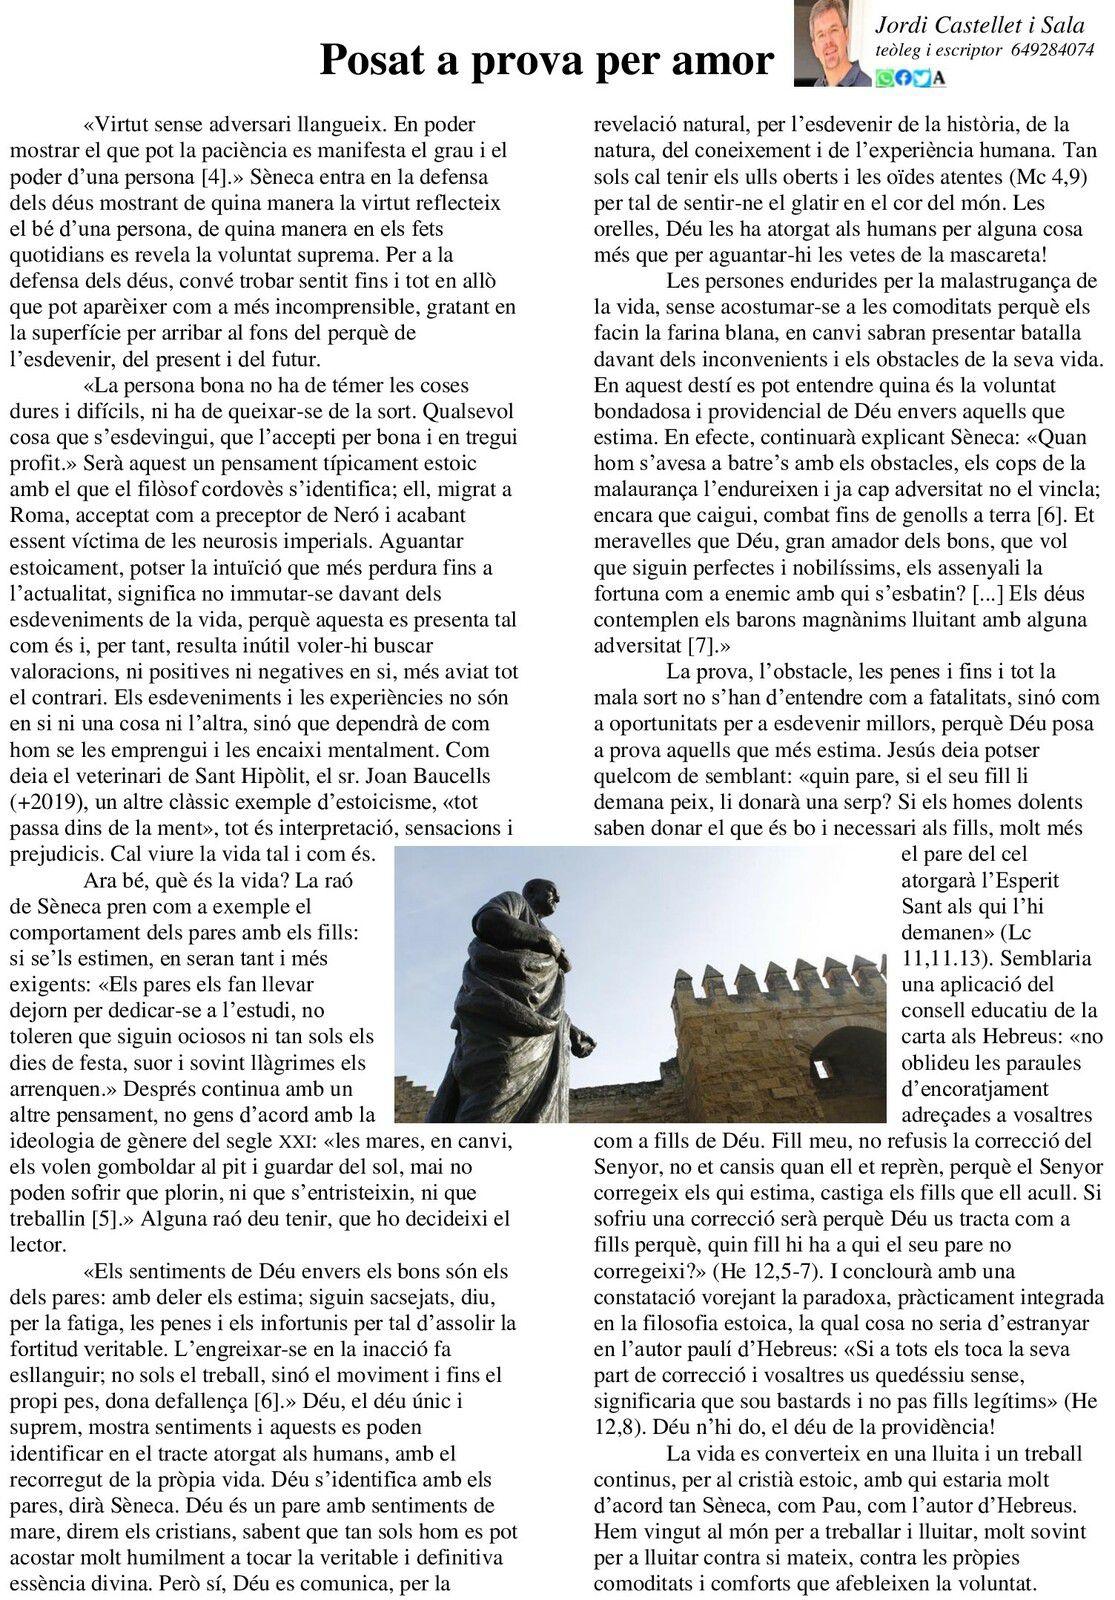 Mossèn Jordi ens diu... (articles en català)